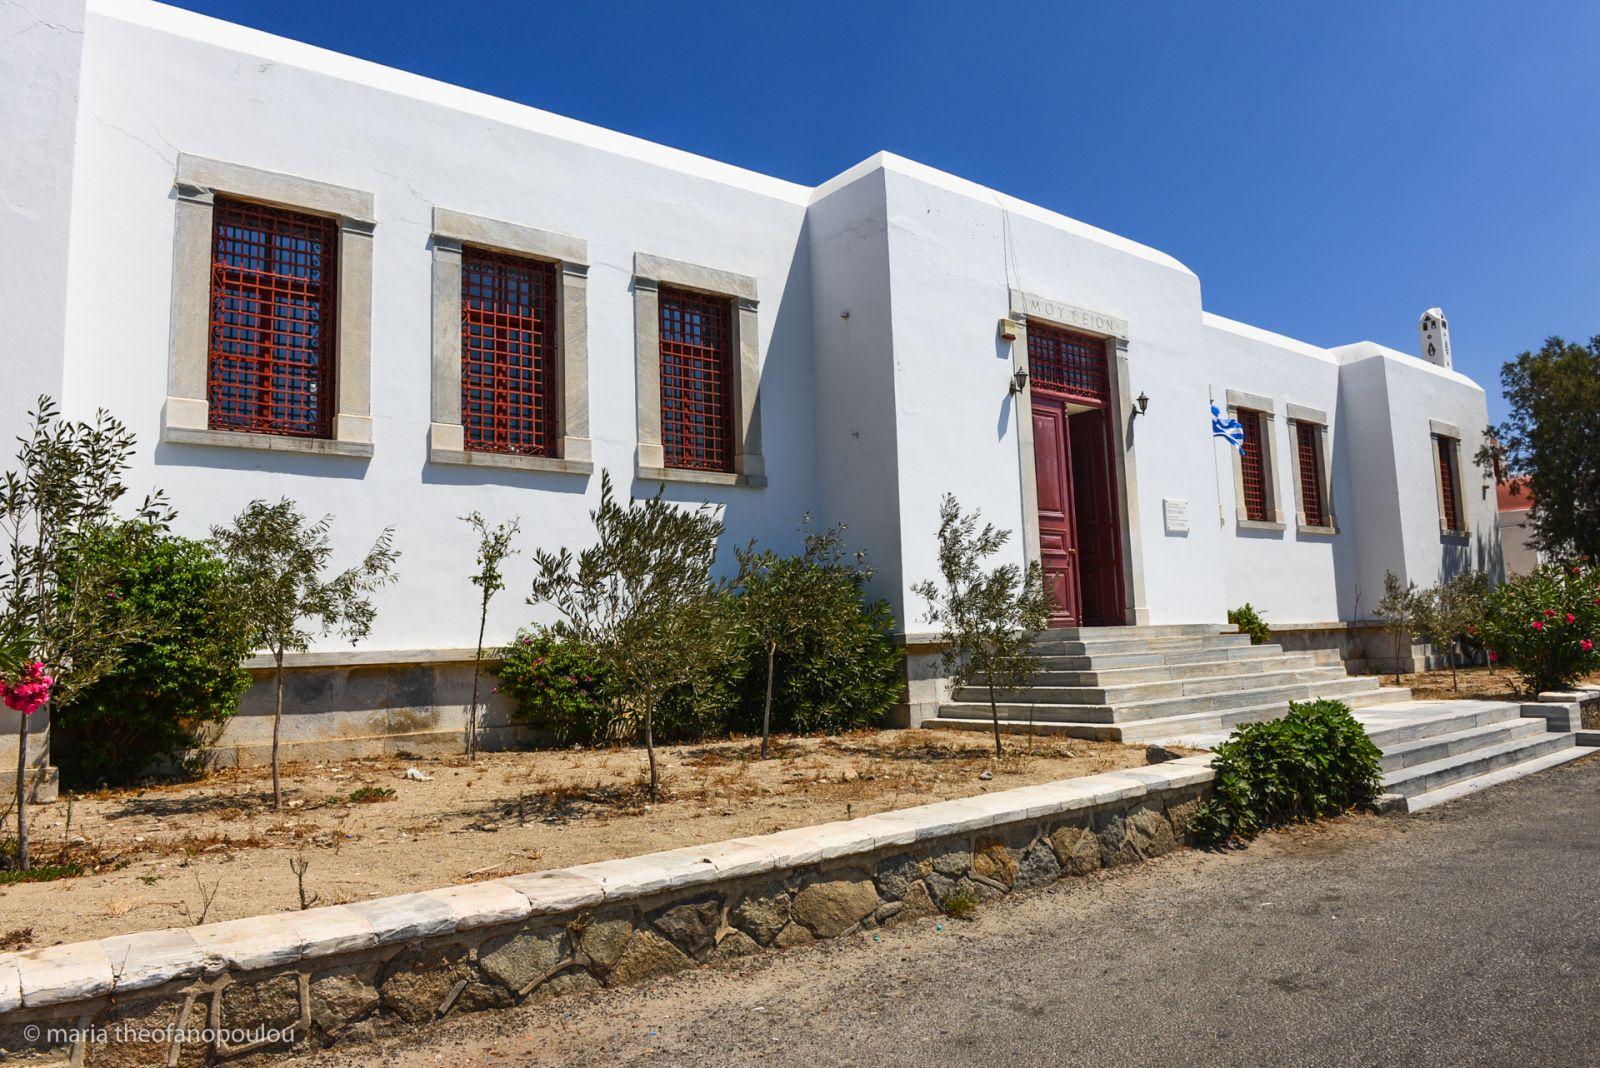 Με πανσέληνο στις Κυκλάδες / Ποιοι αρχαιολογικοί χώροι θα είναι ανοιχτά στις 15 Αυγούστου